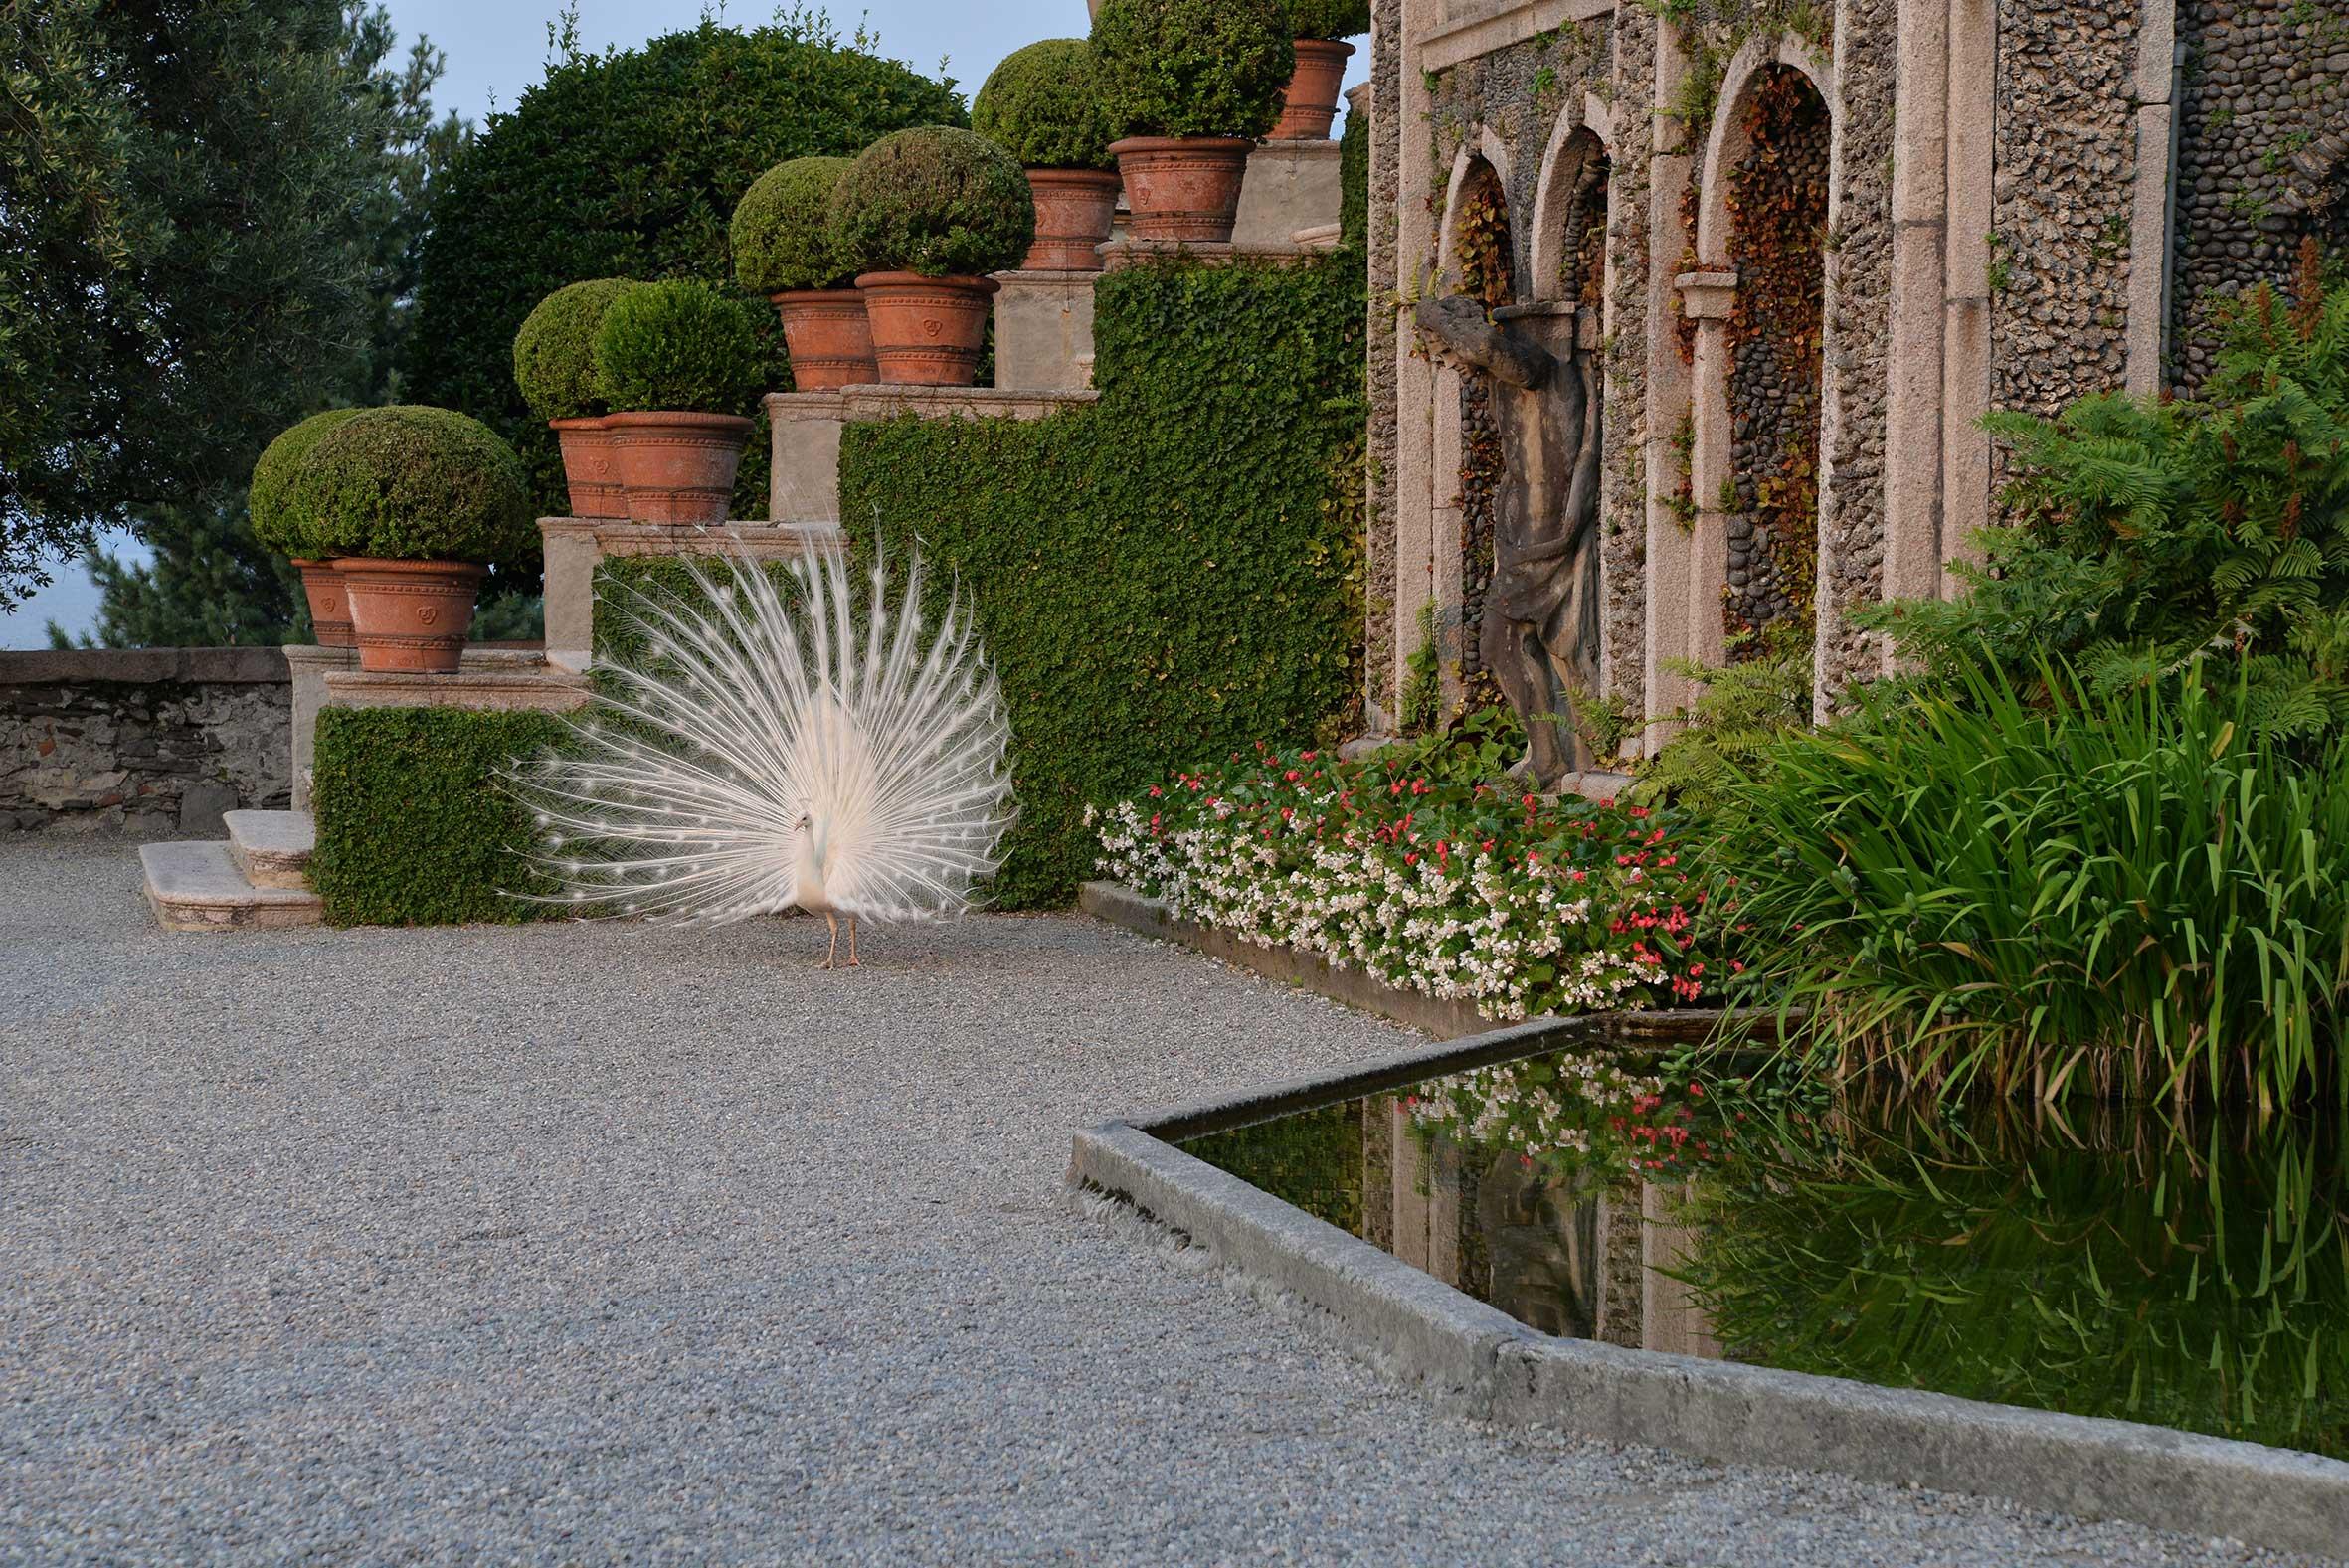 Gärten-Borromeo-Pfau-Lago-Maggiore-002